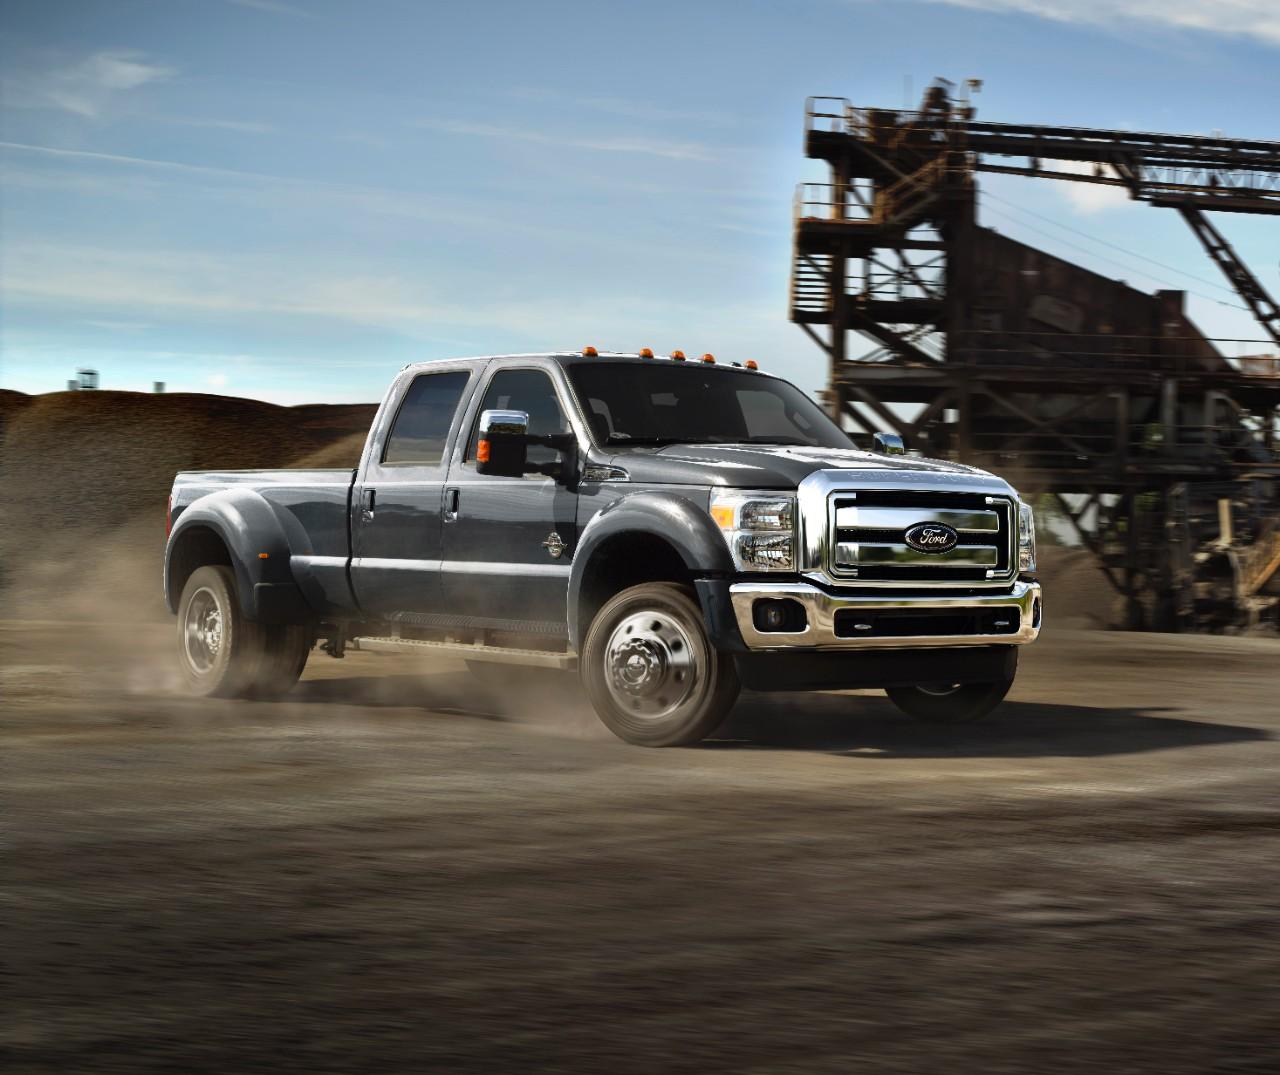 Ford Recalls 4,000 Super Duty Trucks for Transmission Glitch